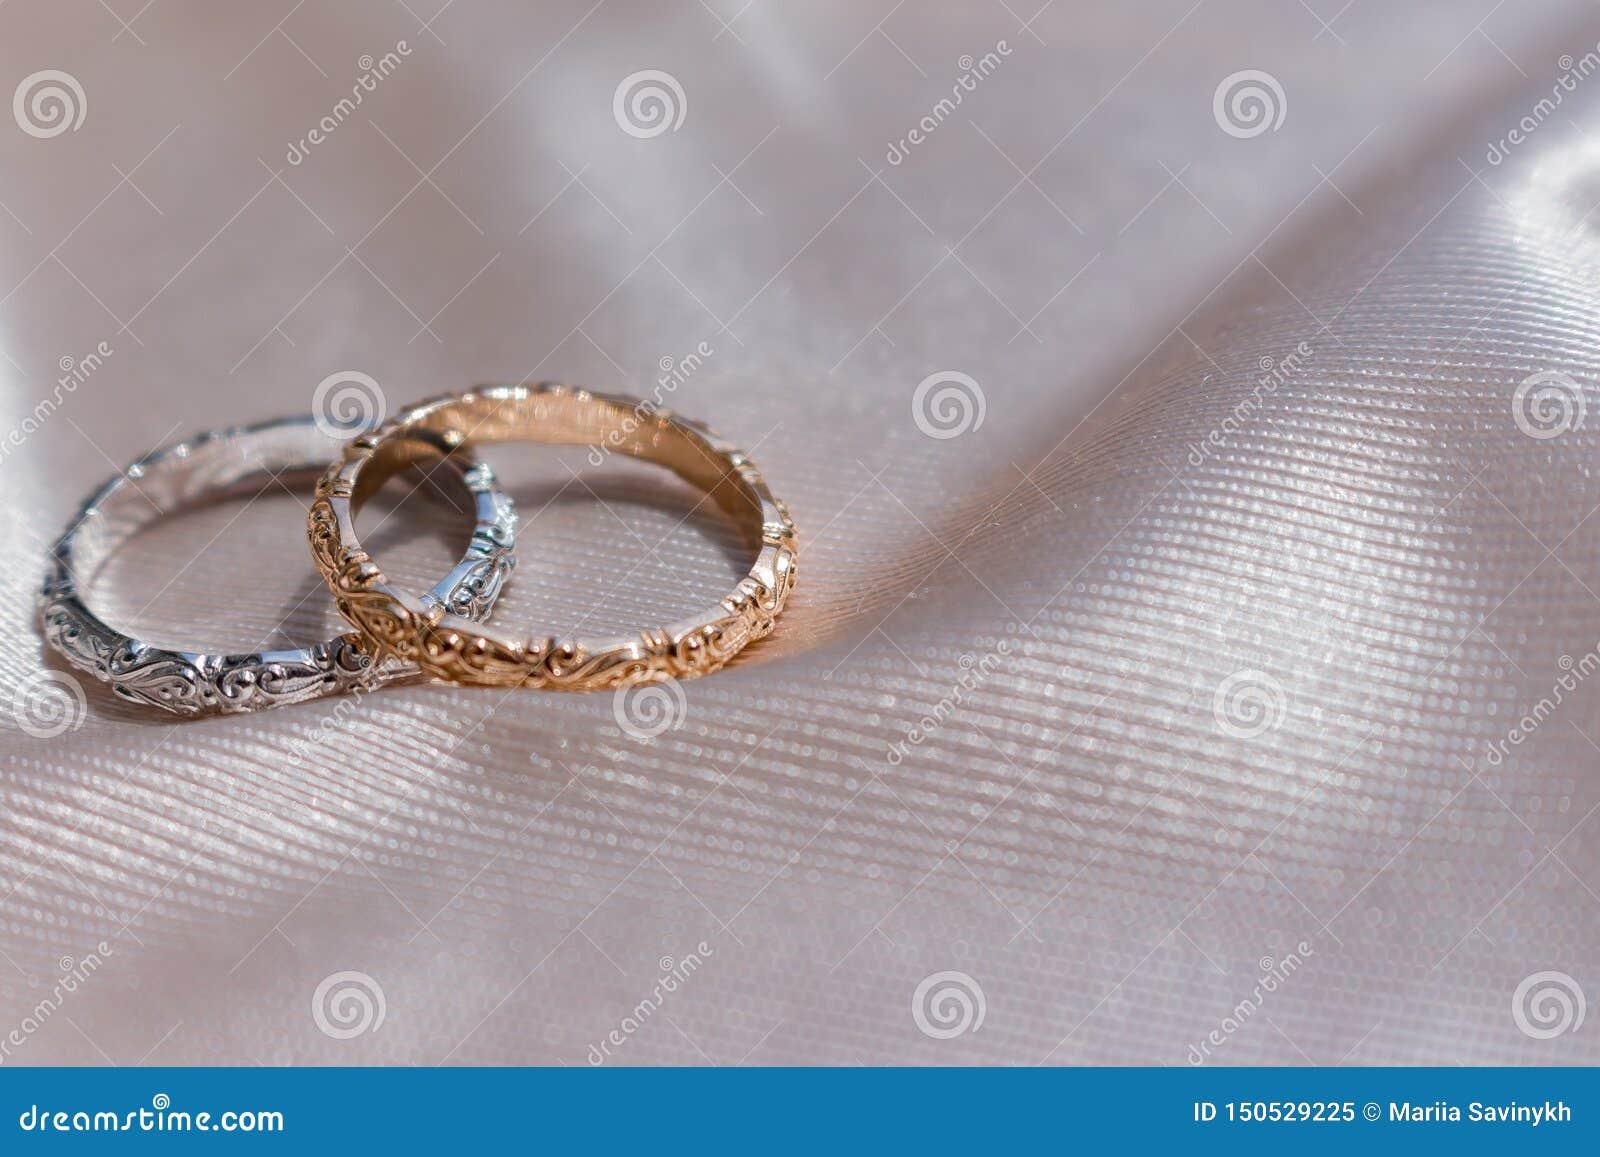 Δύο άσπρα και ρόδινα χρυσά γαμήλια δαχτυλίδια στο υπόβαθρο σατέν, έννοια γαμήλιων δαχτυλιδιών